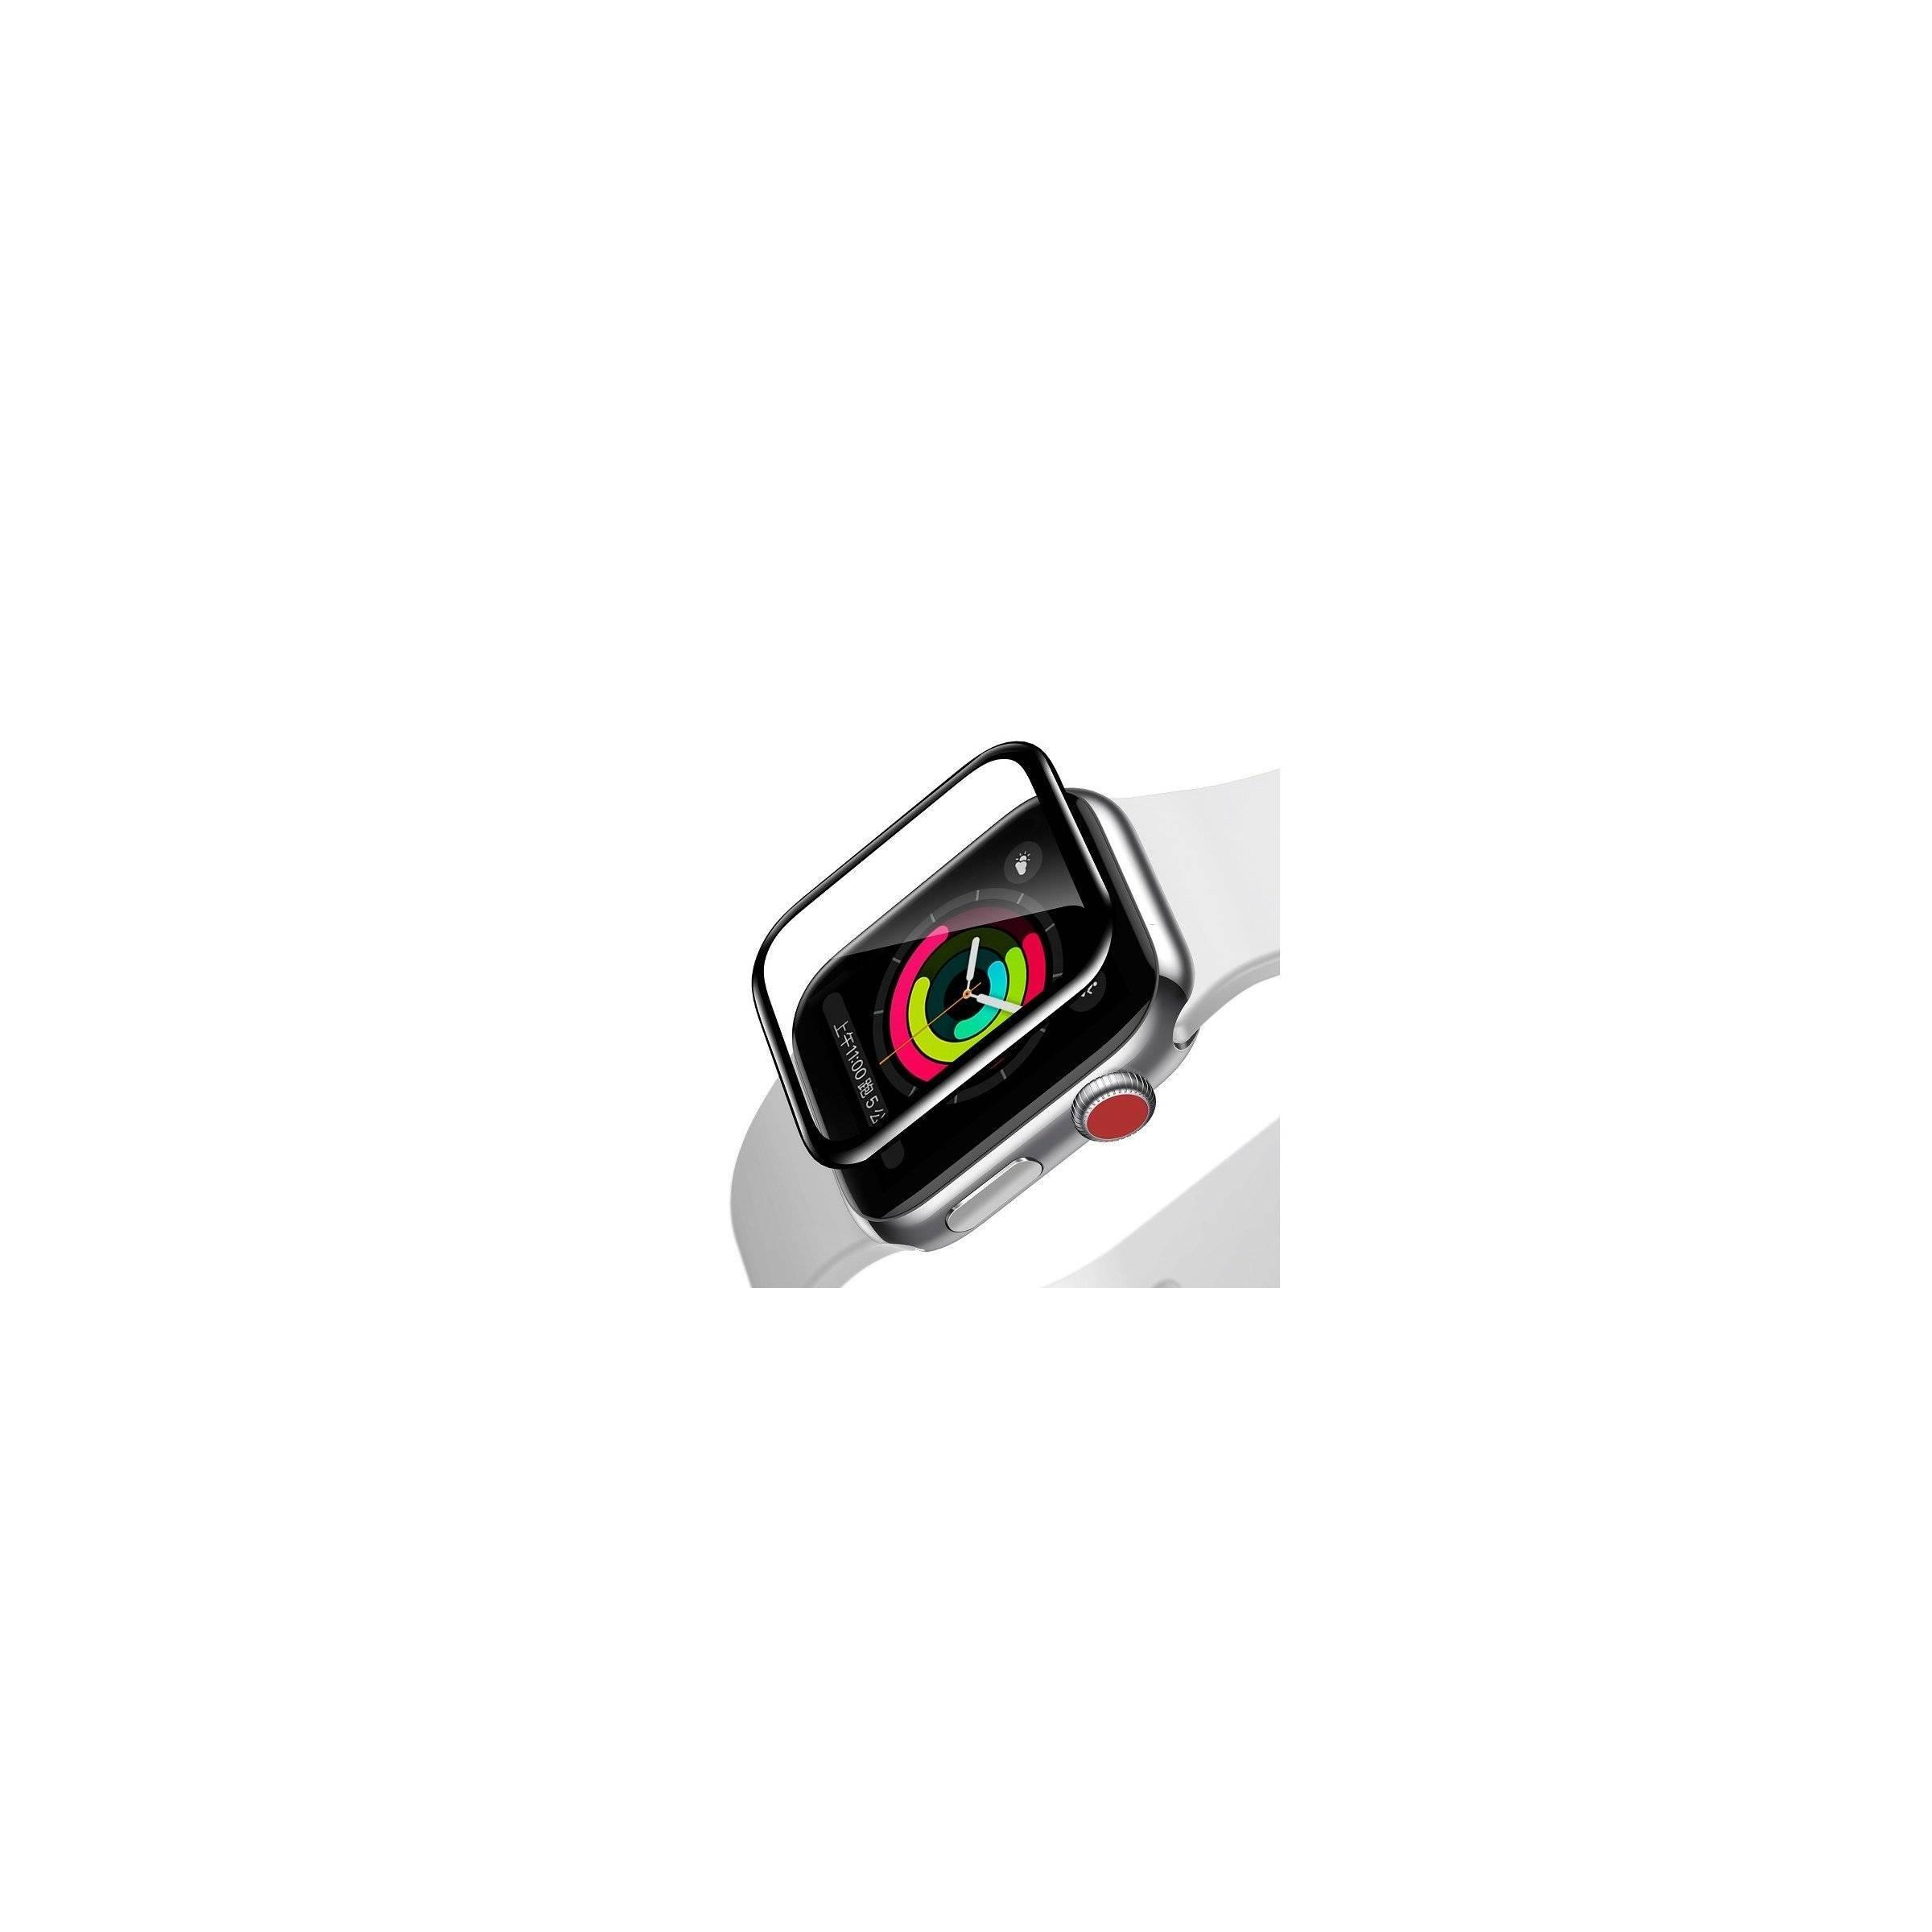 baseus Beskyttelsesglas til apple watch 42mm watch 1/2/3 fra baseus fra mackabler.dk